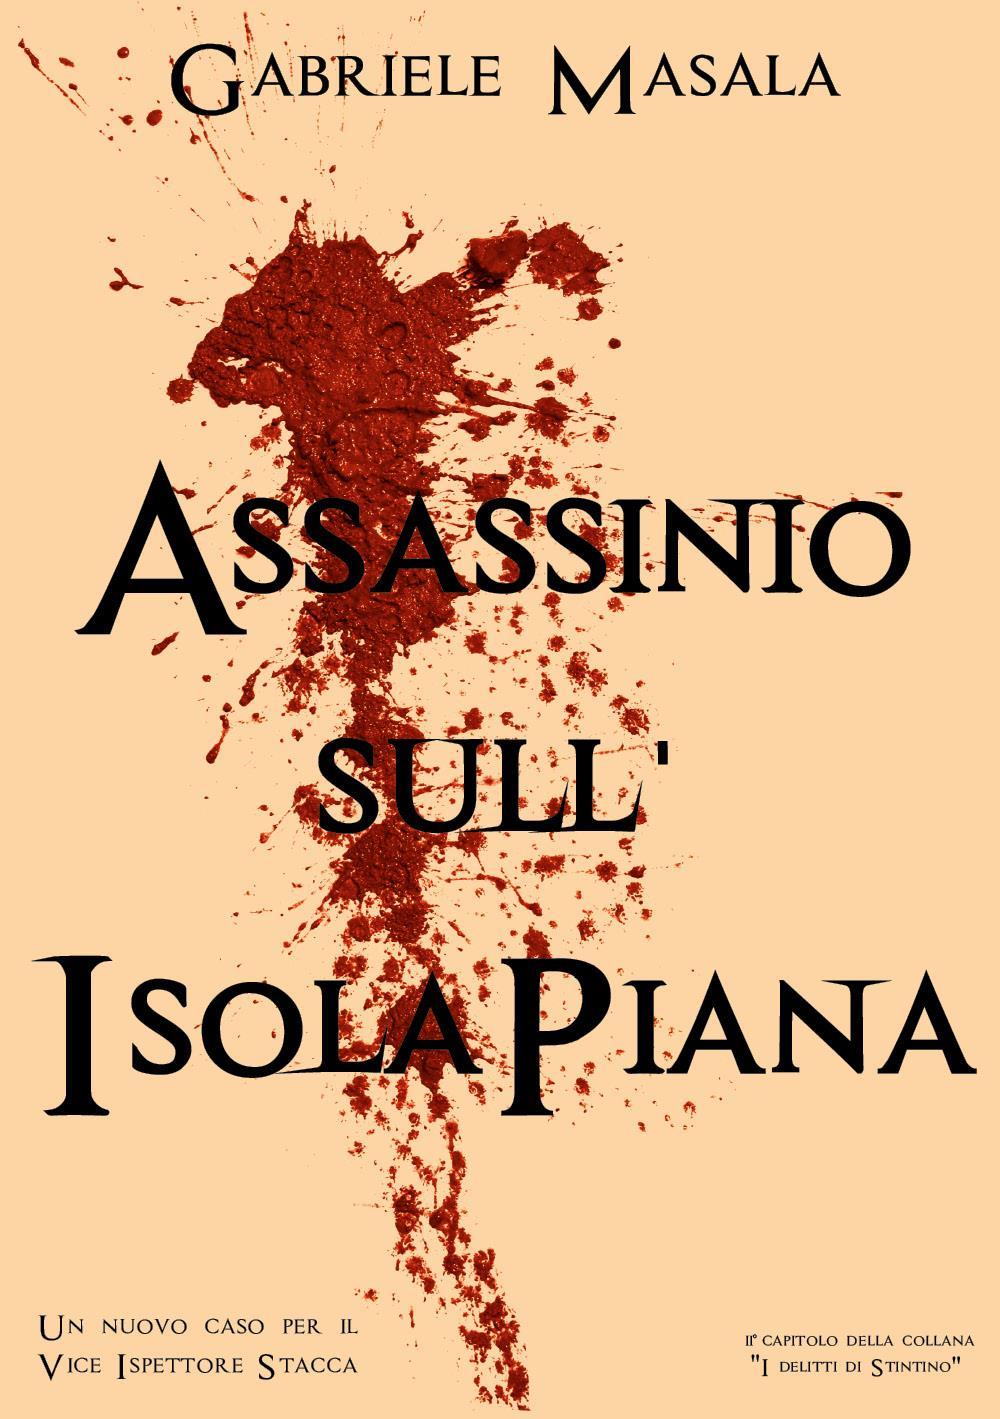 Assassinio sull'Isola Piana